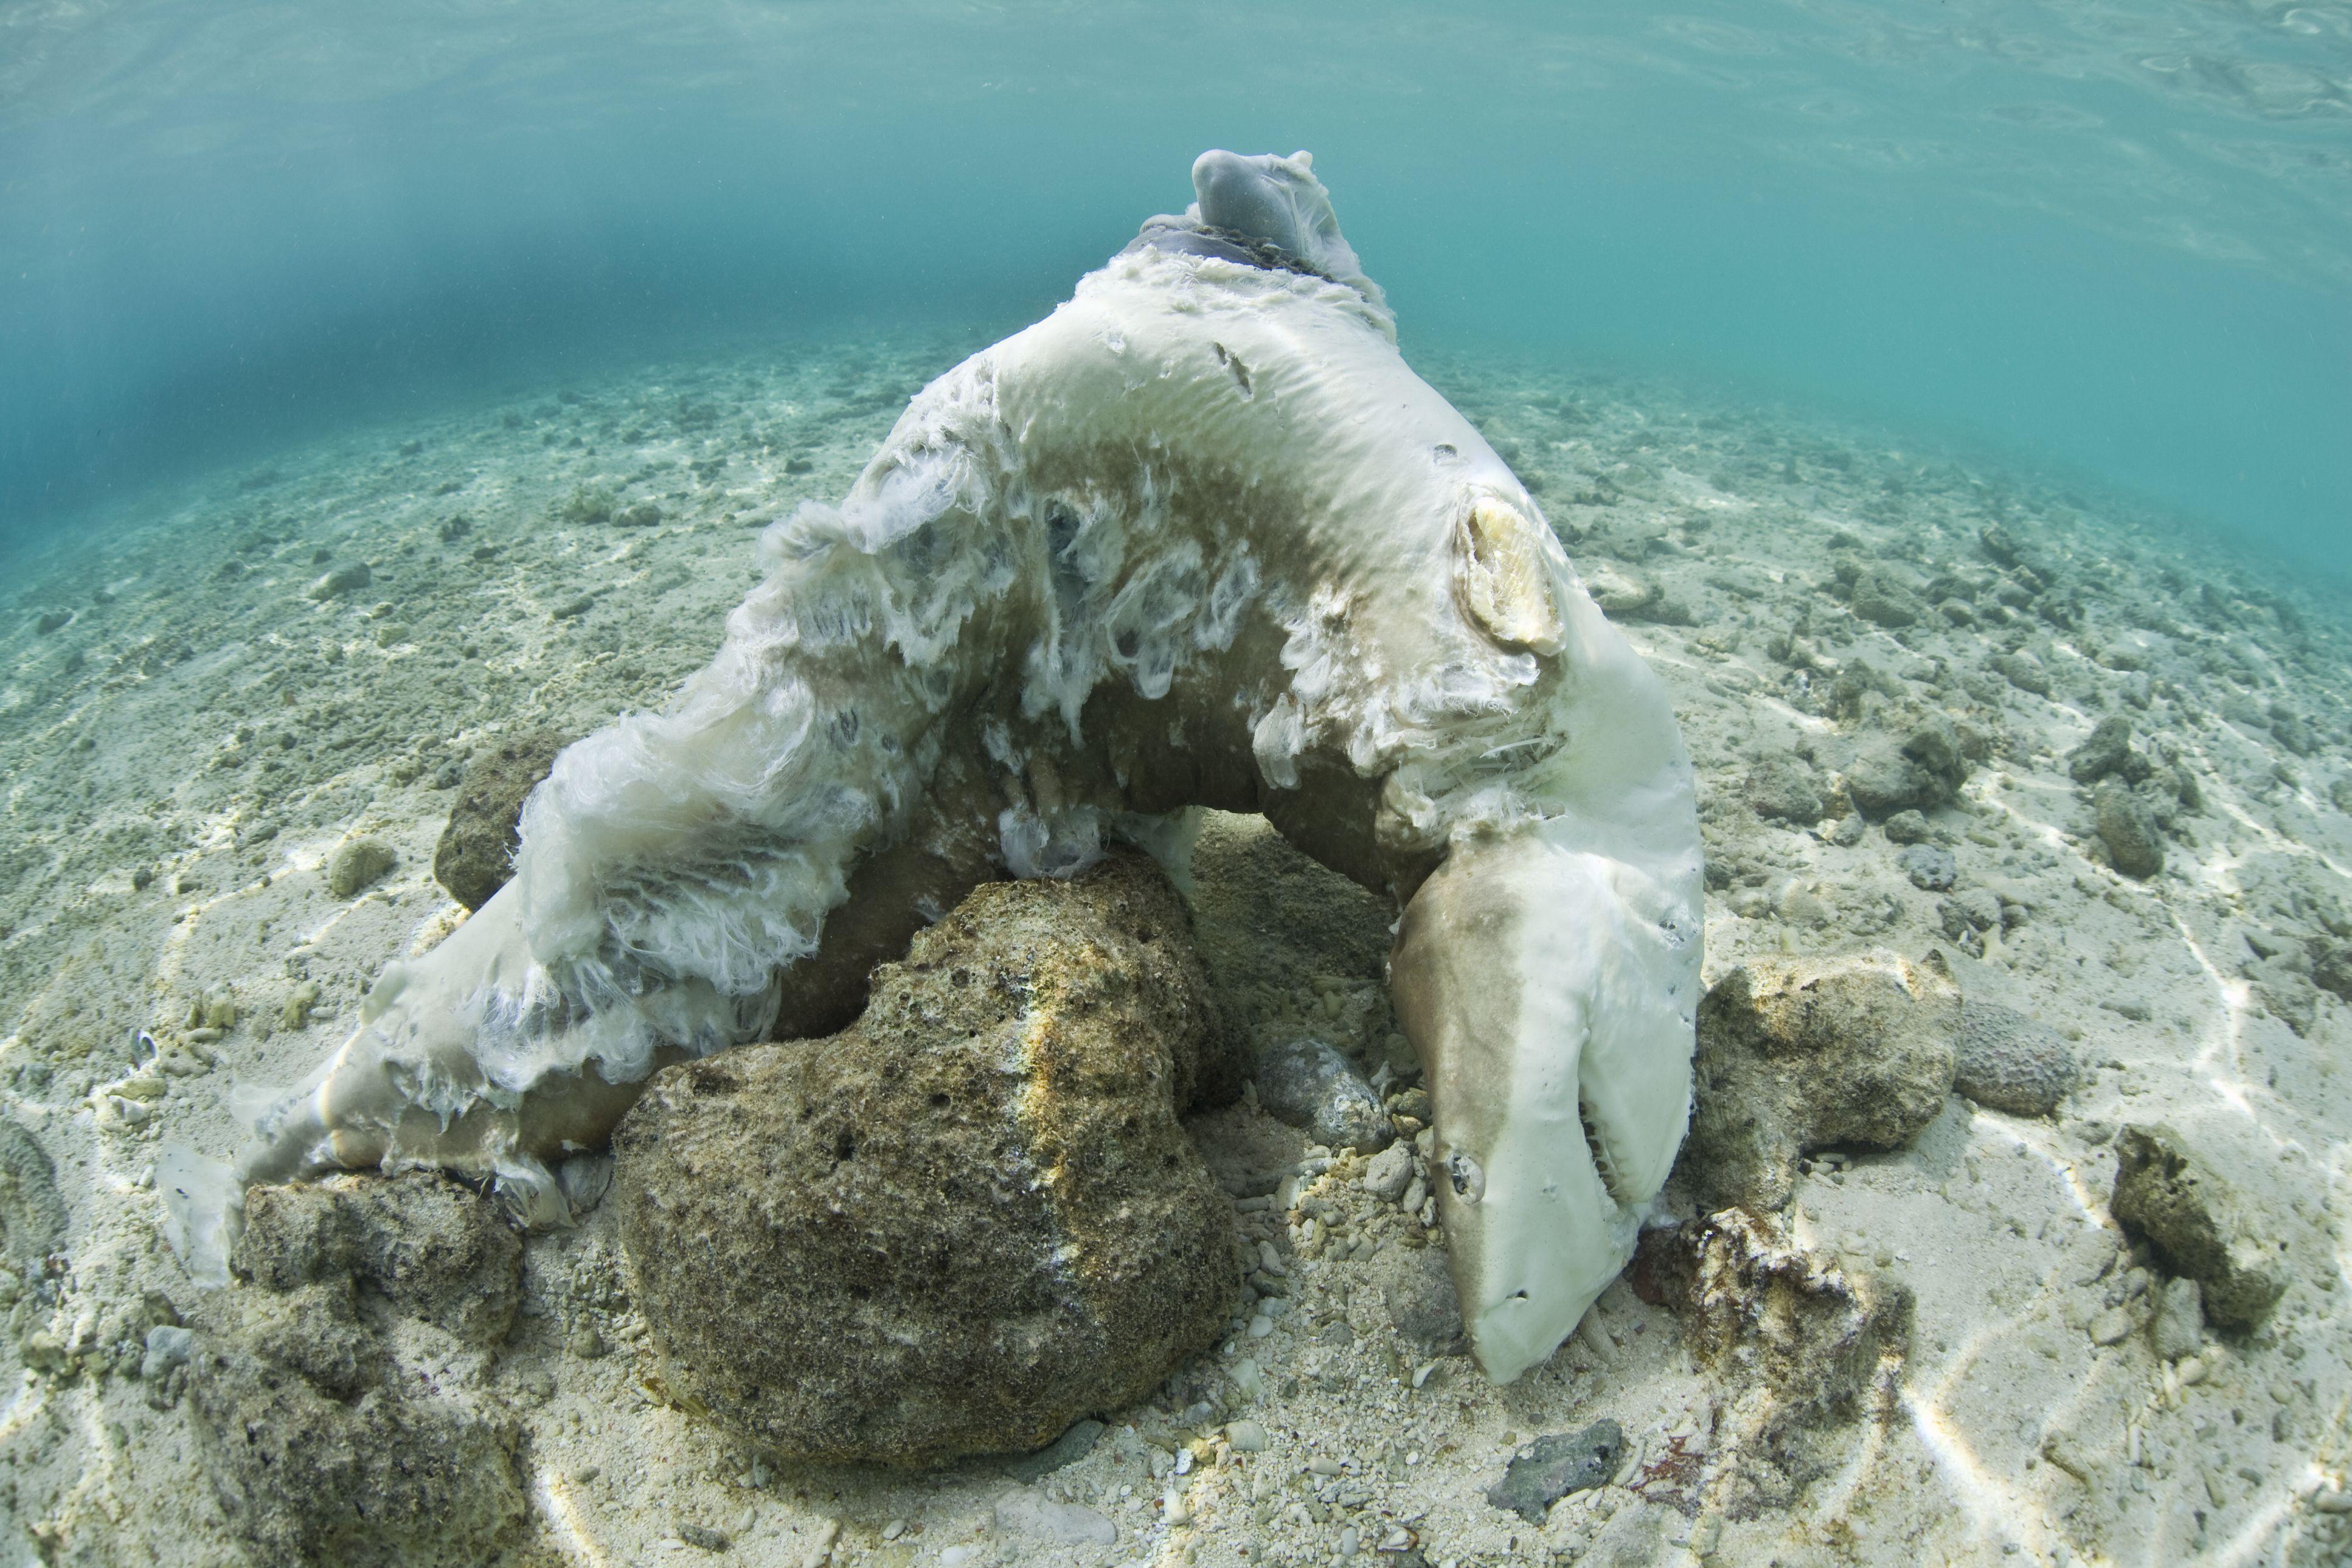 Blacktip Reef shark killed for fins